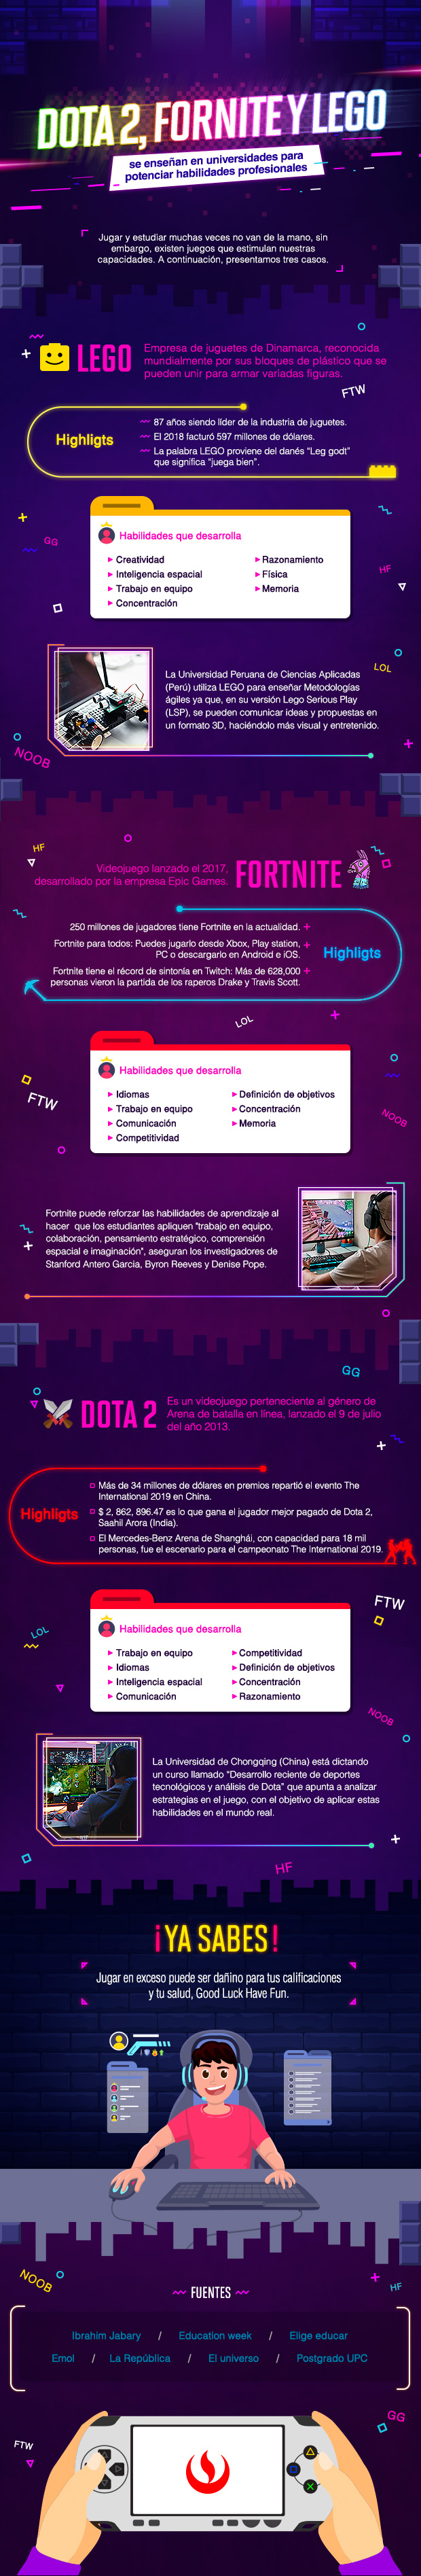 Videojuegos usados en universidades para potenciar habilidades profesionales